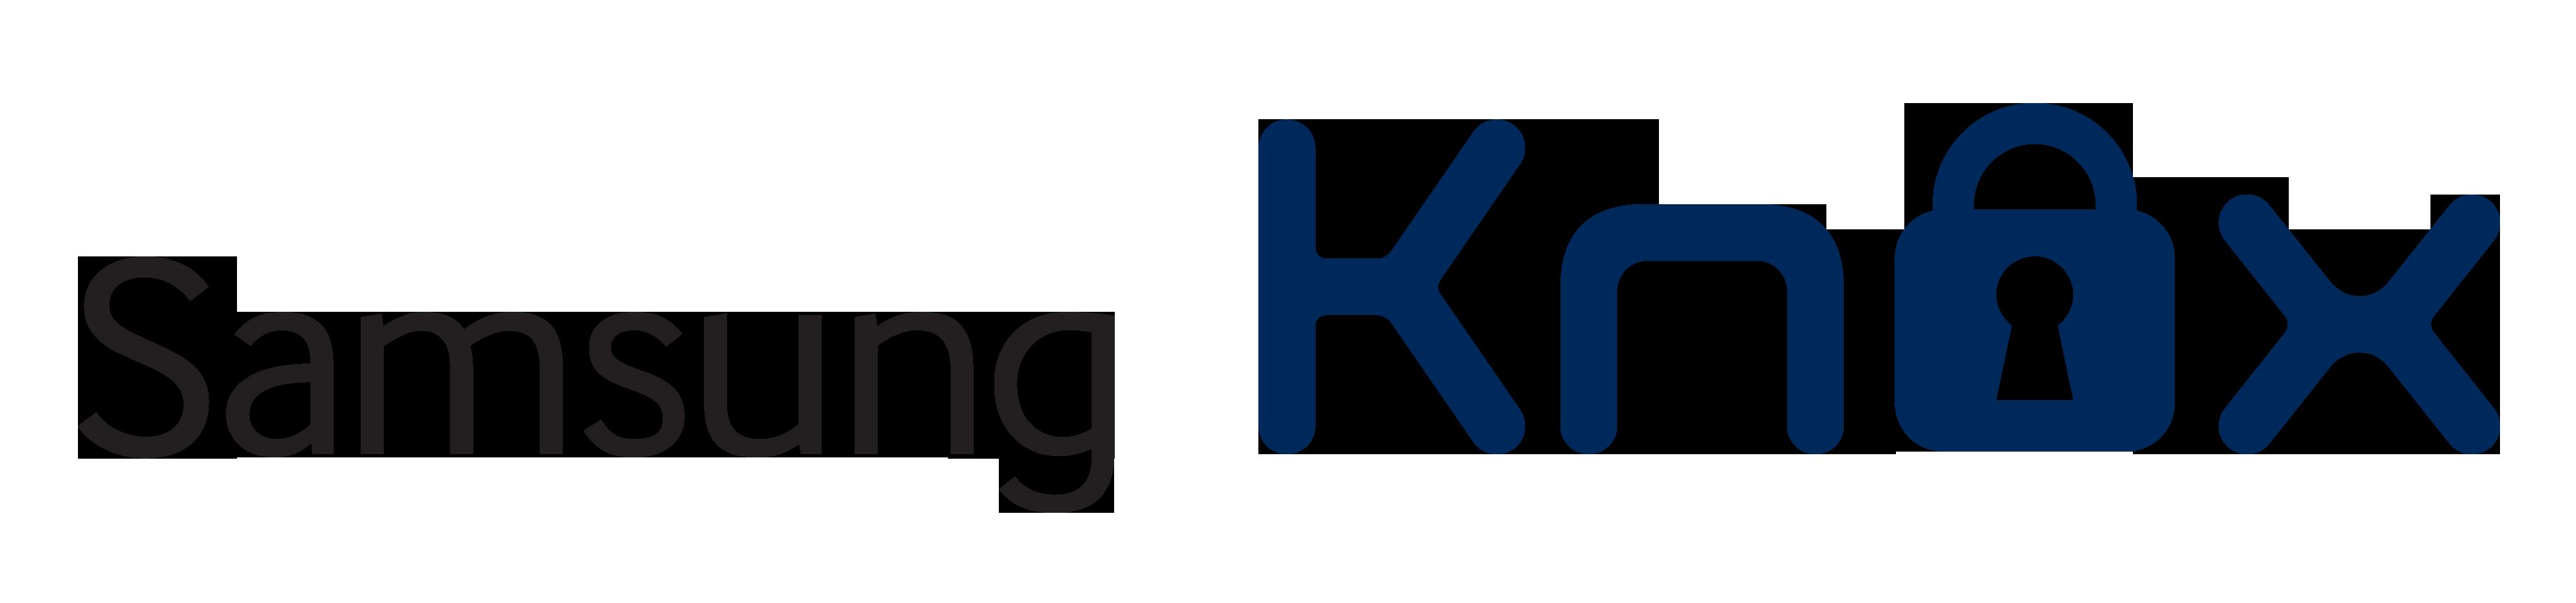 Samsung knox Logo Png